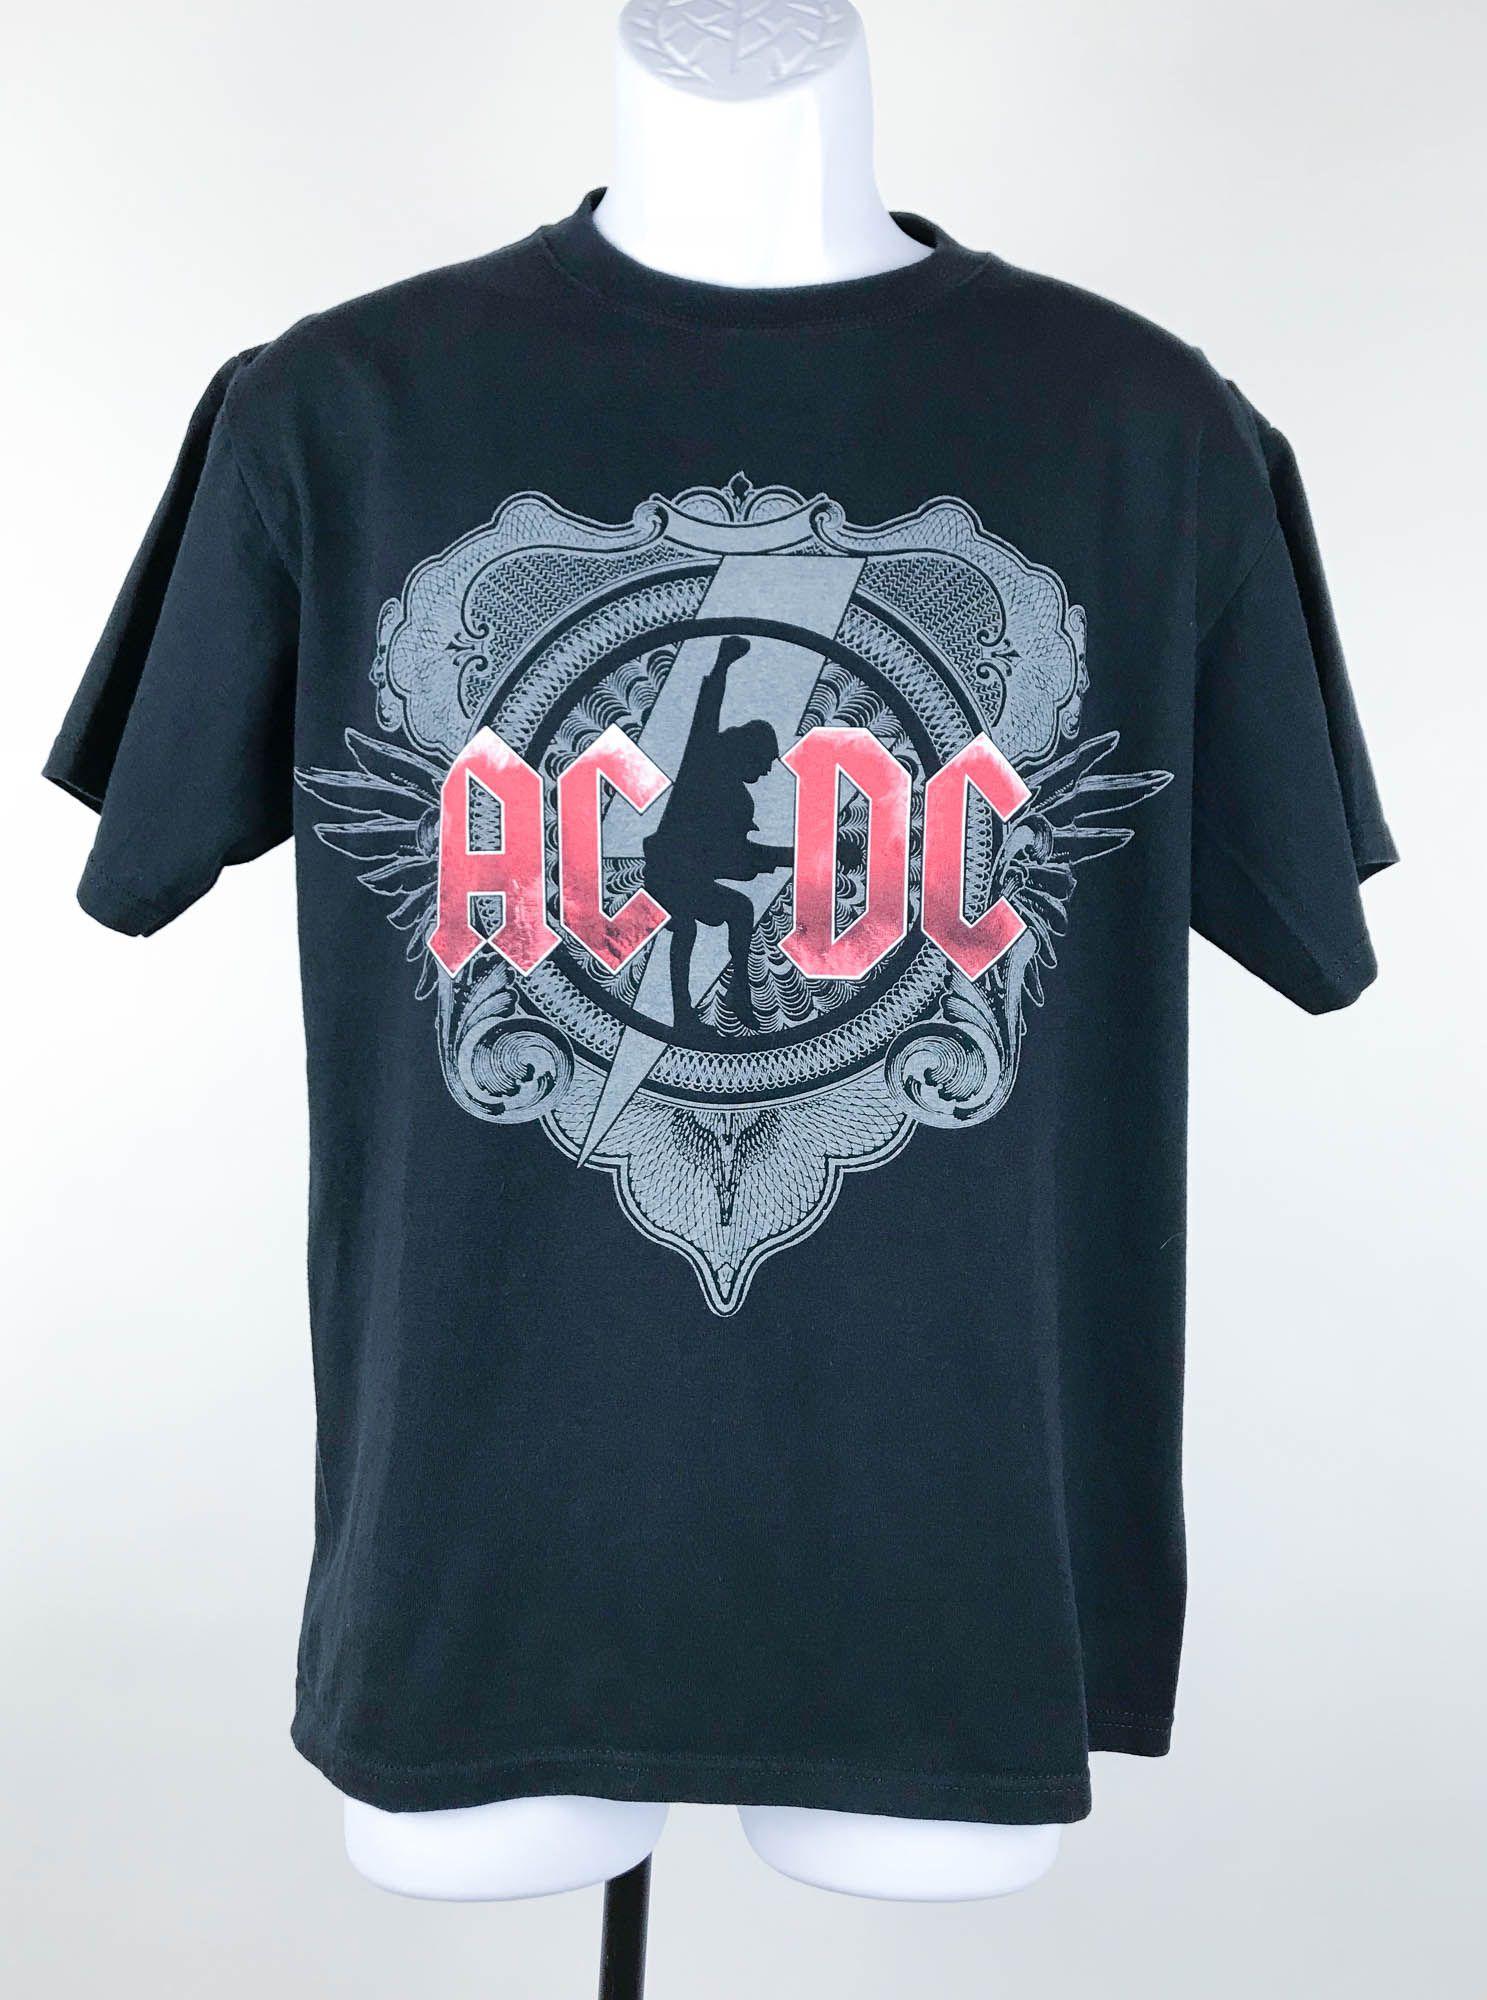 7d604d00e1 AC DC Black Ice 2008-2009 Tour T-Shirt - M on Blamm.com  AC DC   BlackIce2008-2009Tour  T-Shirt  BlackIceTour  tourshirt  concert  rock